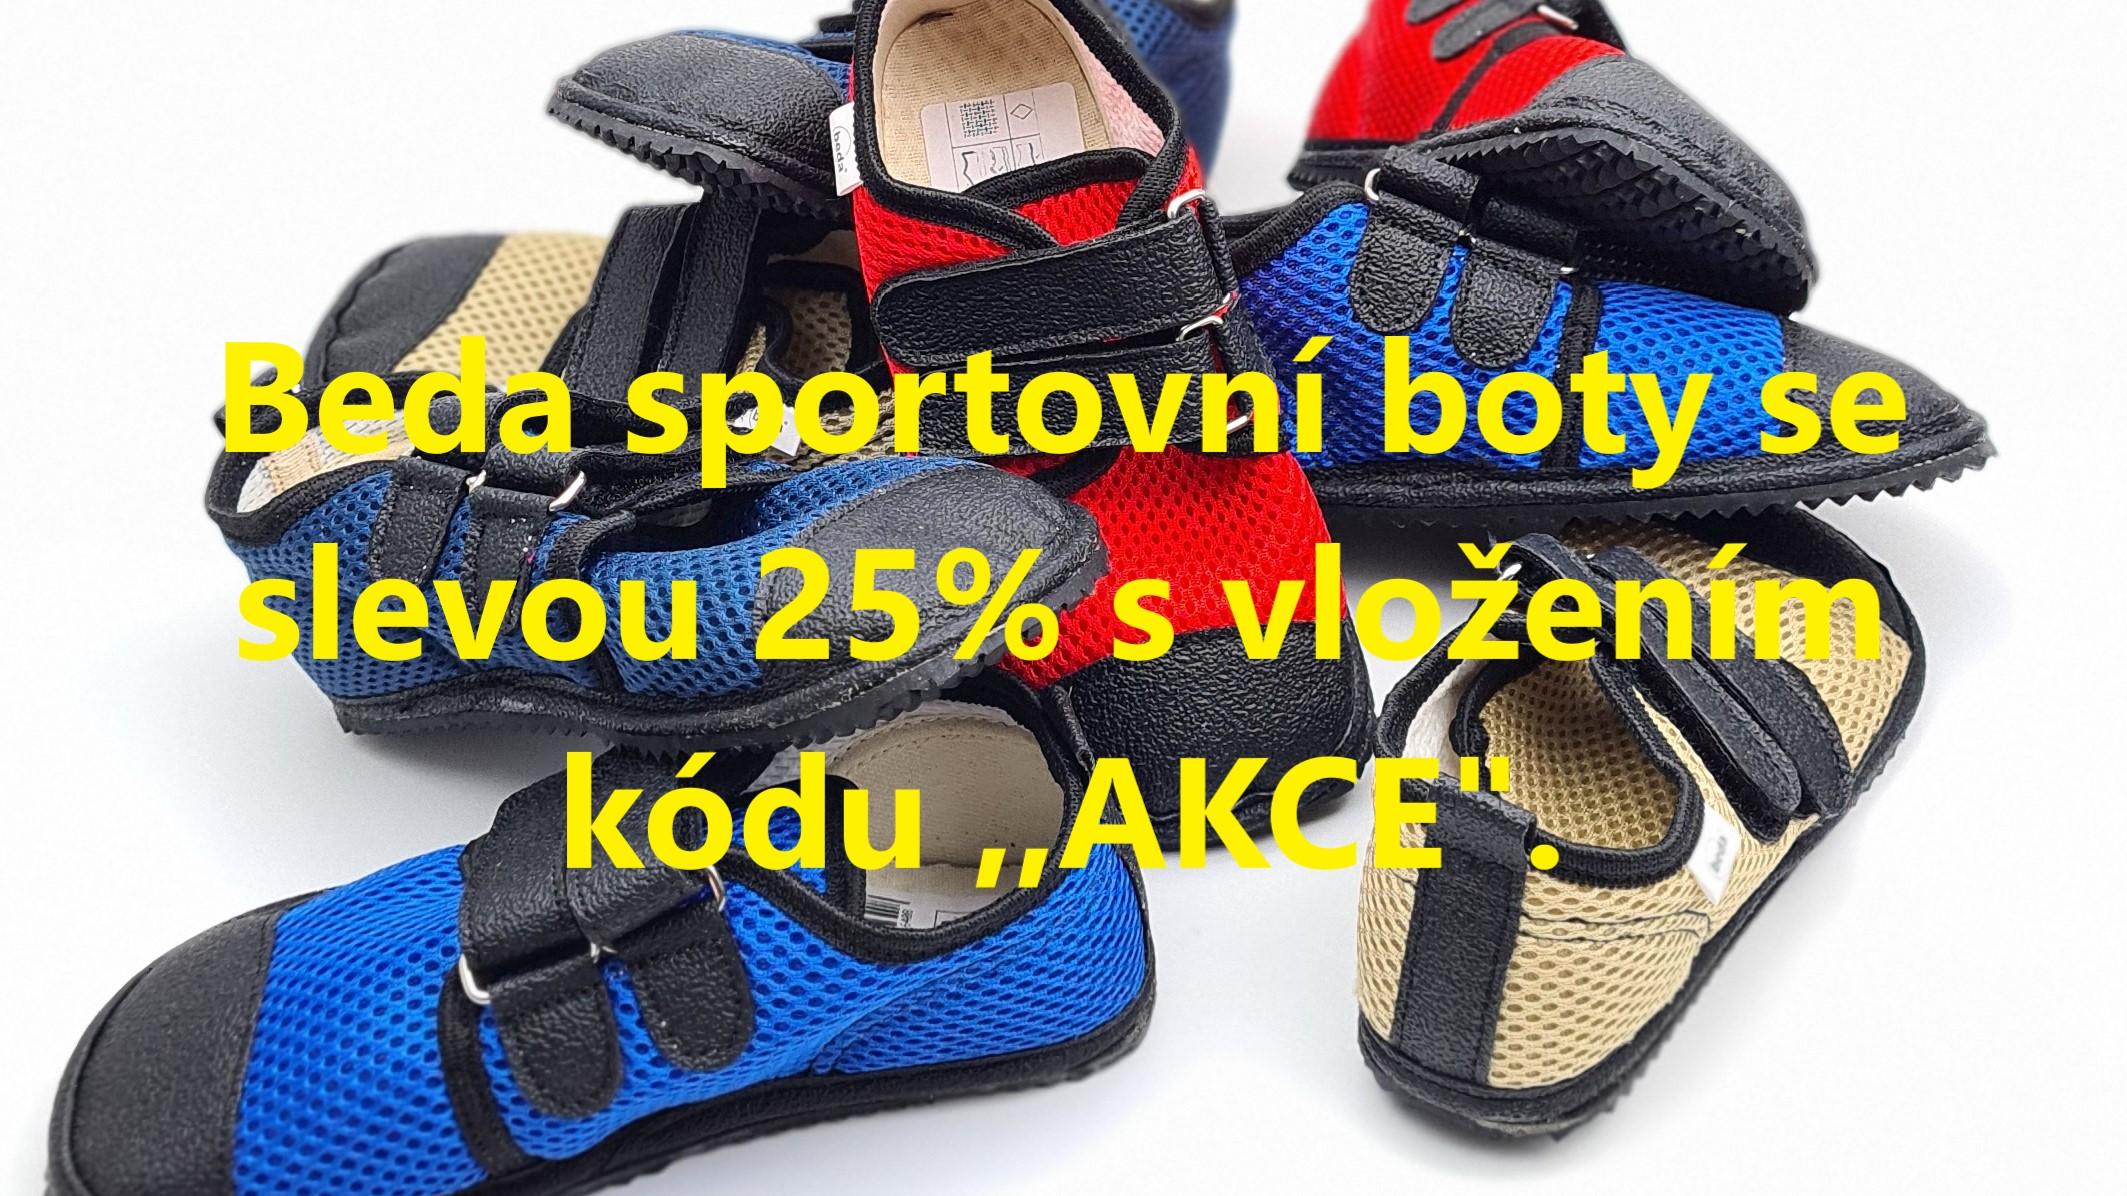 Akce Beda sportovní boty